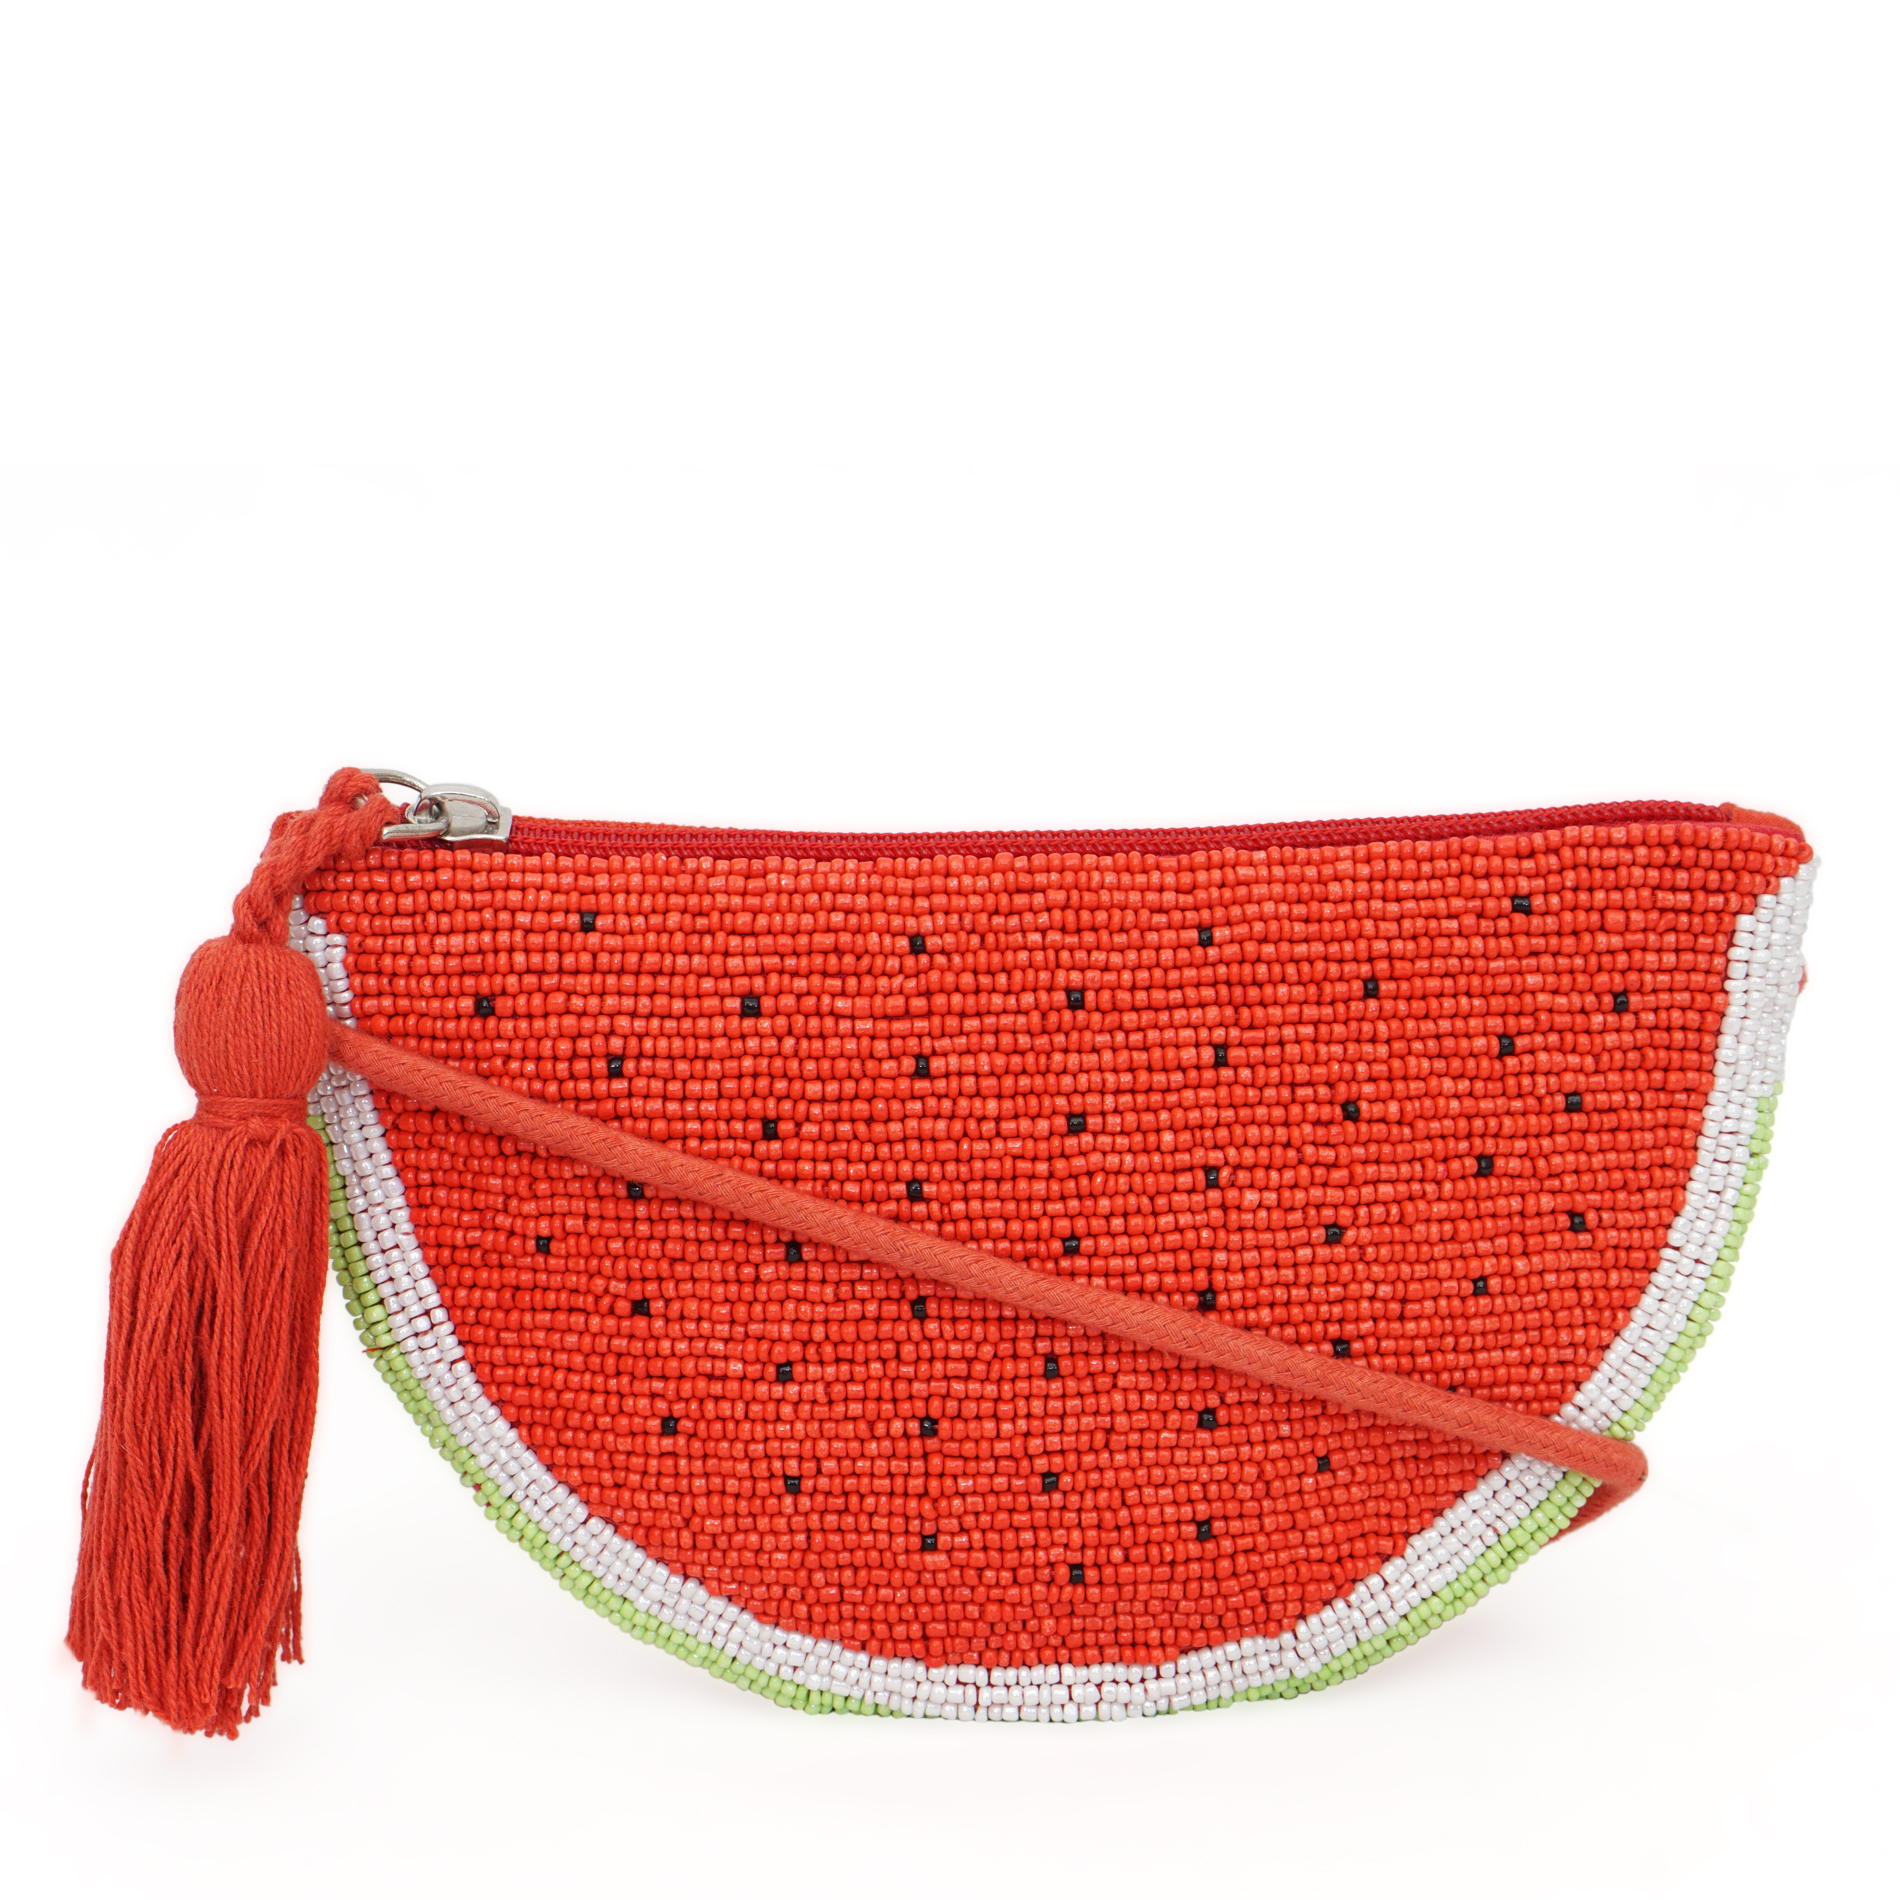 DIWAAH   Diwaah Multi Color Casual Sling Bag